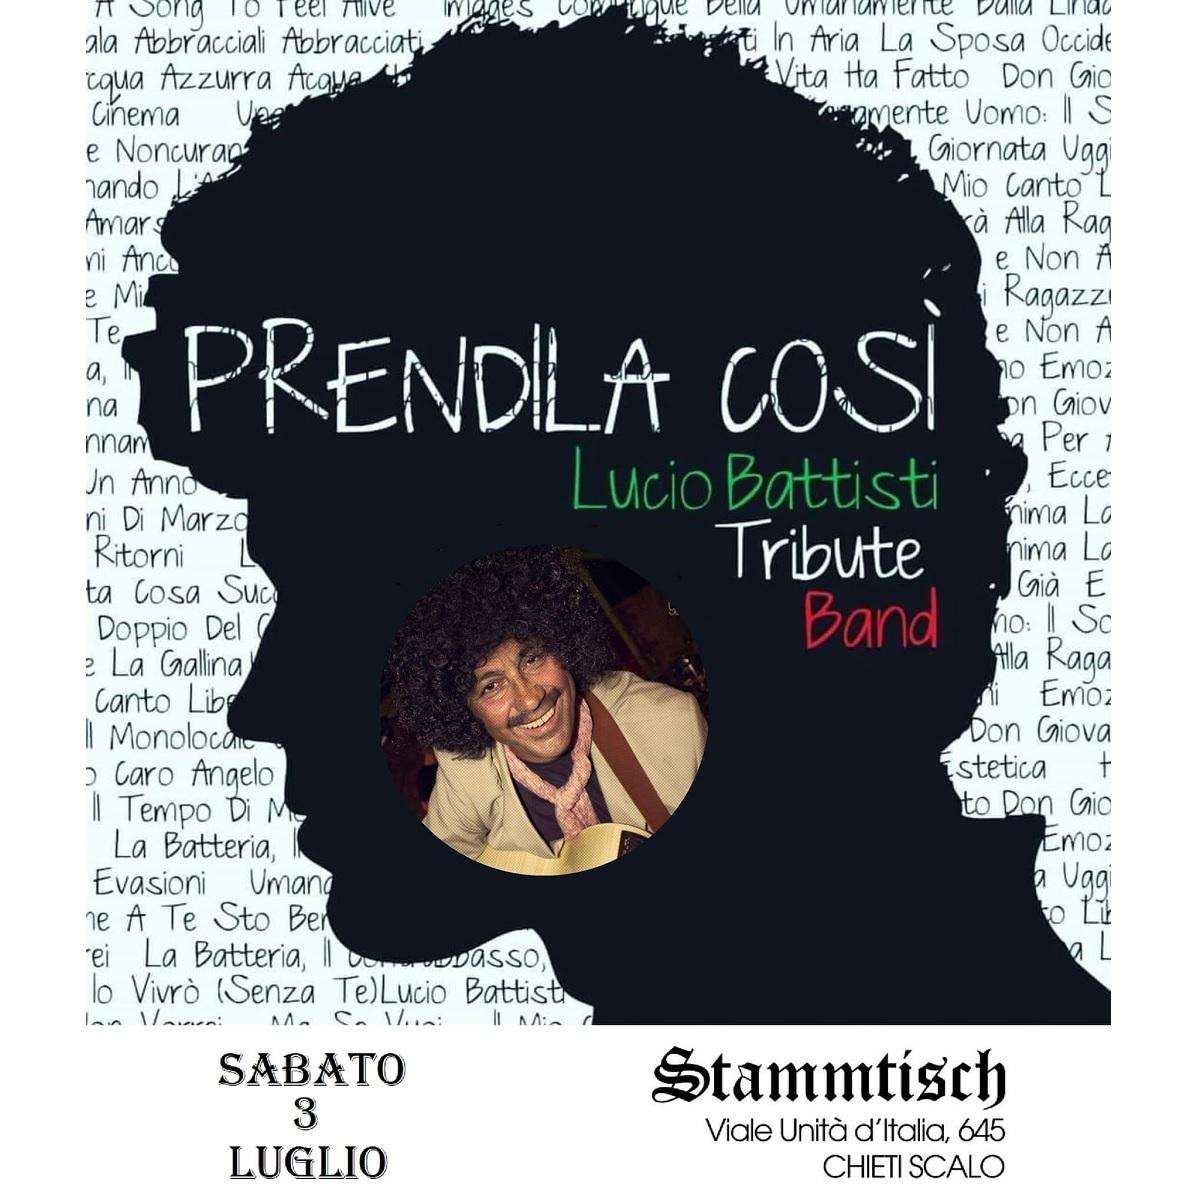 Prendila Così - Lucio Battisti Tribute Band 3 luglio 2021 foto